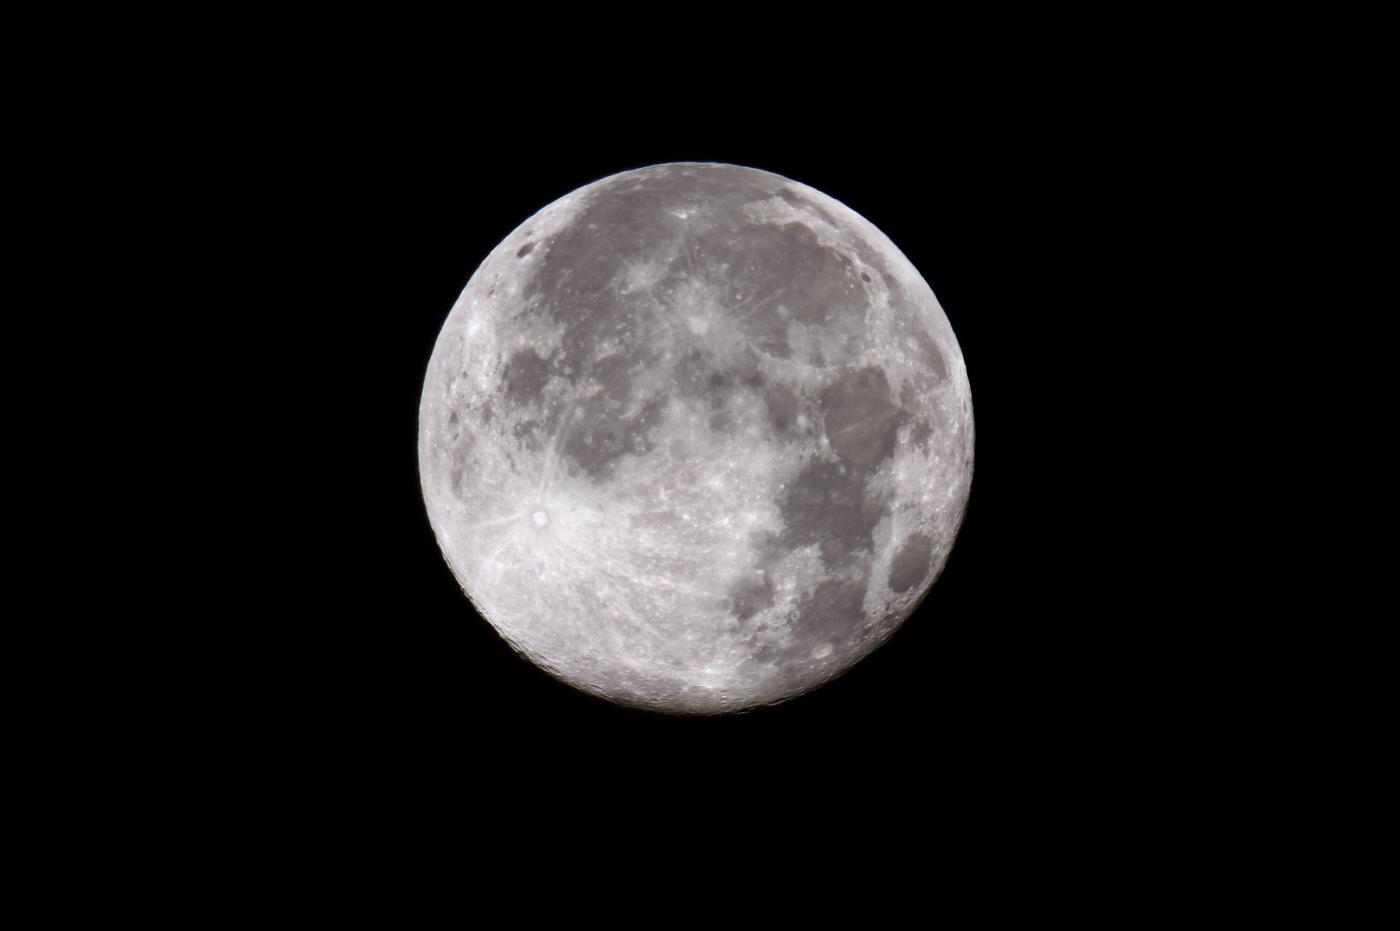 Un asteroide all'origine delle anomalie magnetiche lunari?